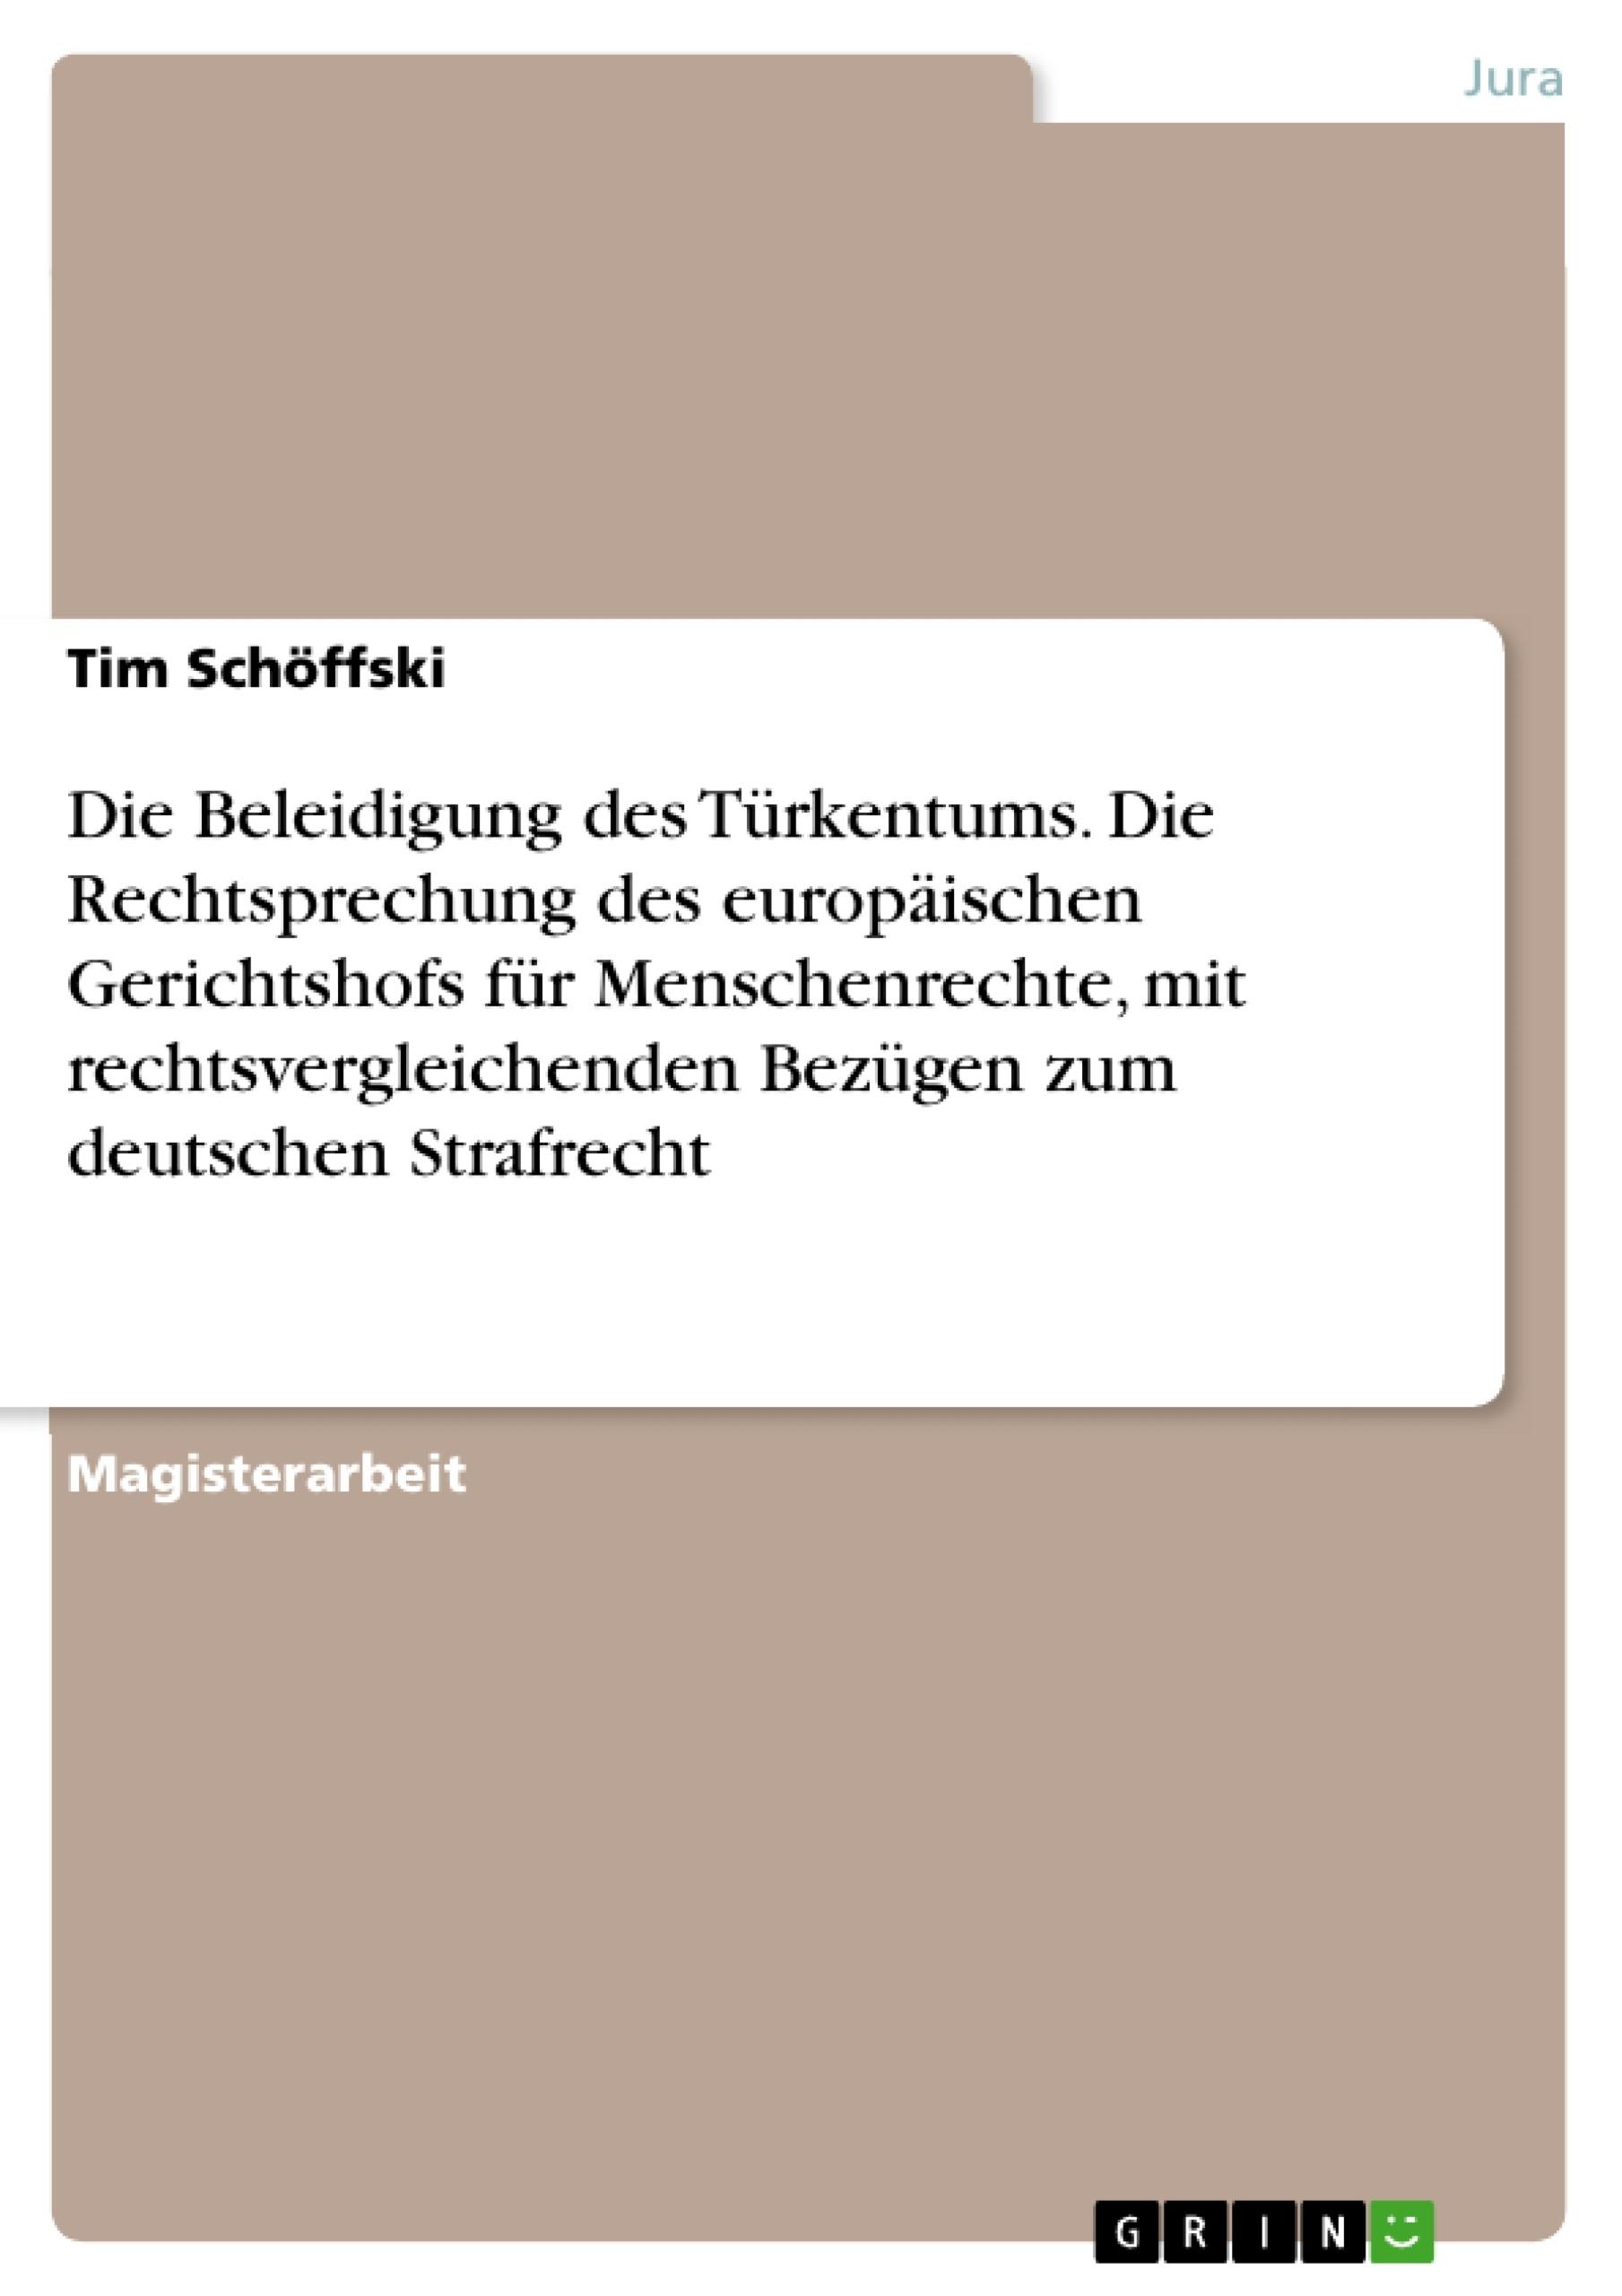 Titel: Die Beleidigung des Türkentums. Die Rechtsprechung des europäischen Gerichtshofs für Menschenrechte, mit rechtsvergleichenden Bezügen zum deutschen Strafrecht